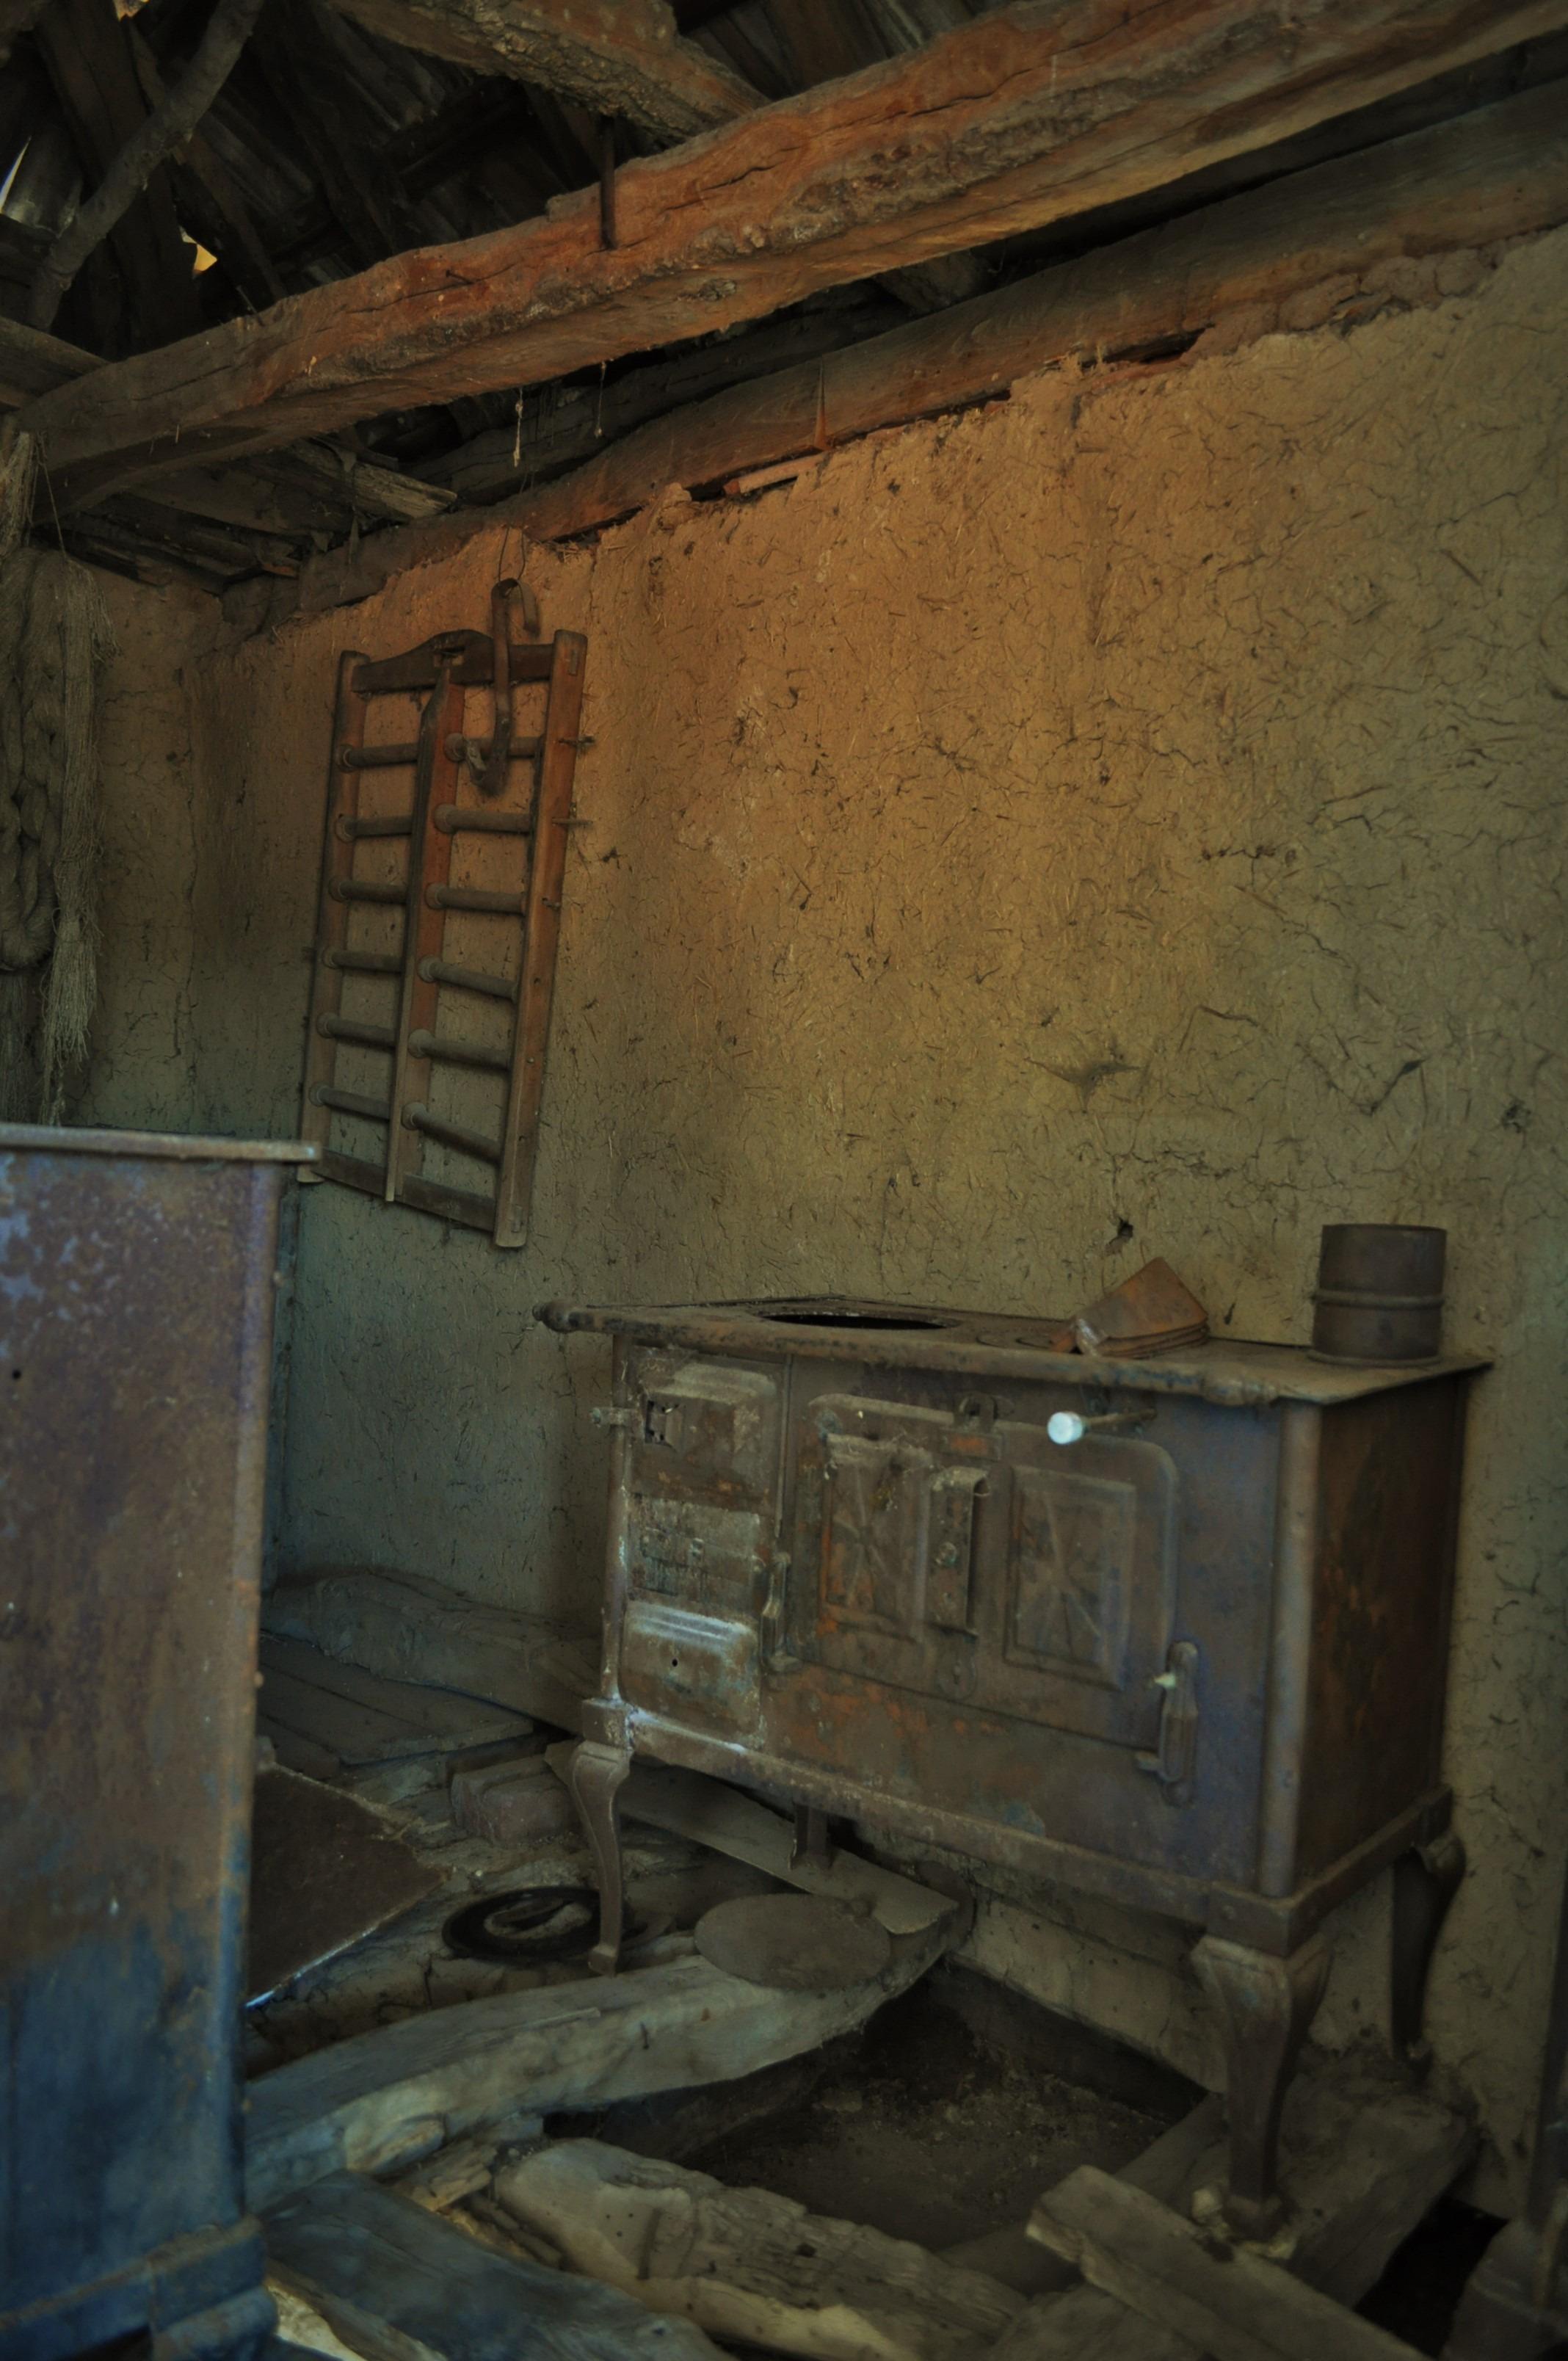 Превратна е историята на Разбоишкия манастира. Дълго време обителта пустеела. Но в средата на 19 век тук се заселили три сърцати и предприемчиви монахини. Те заварили стопанските постройки  разрушени, а безценните стенописи - унищожени и ги възстановили